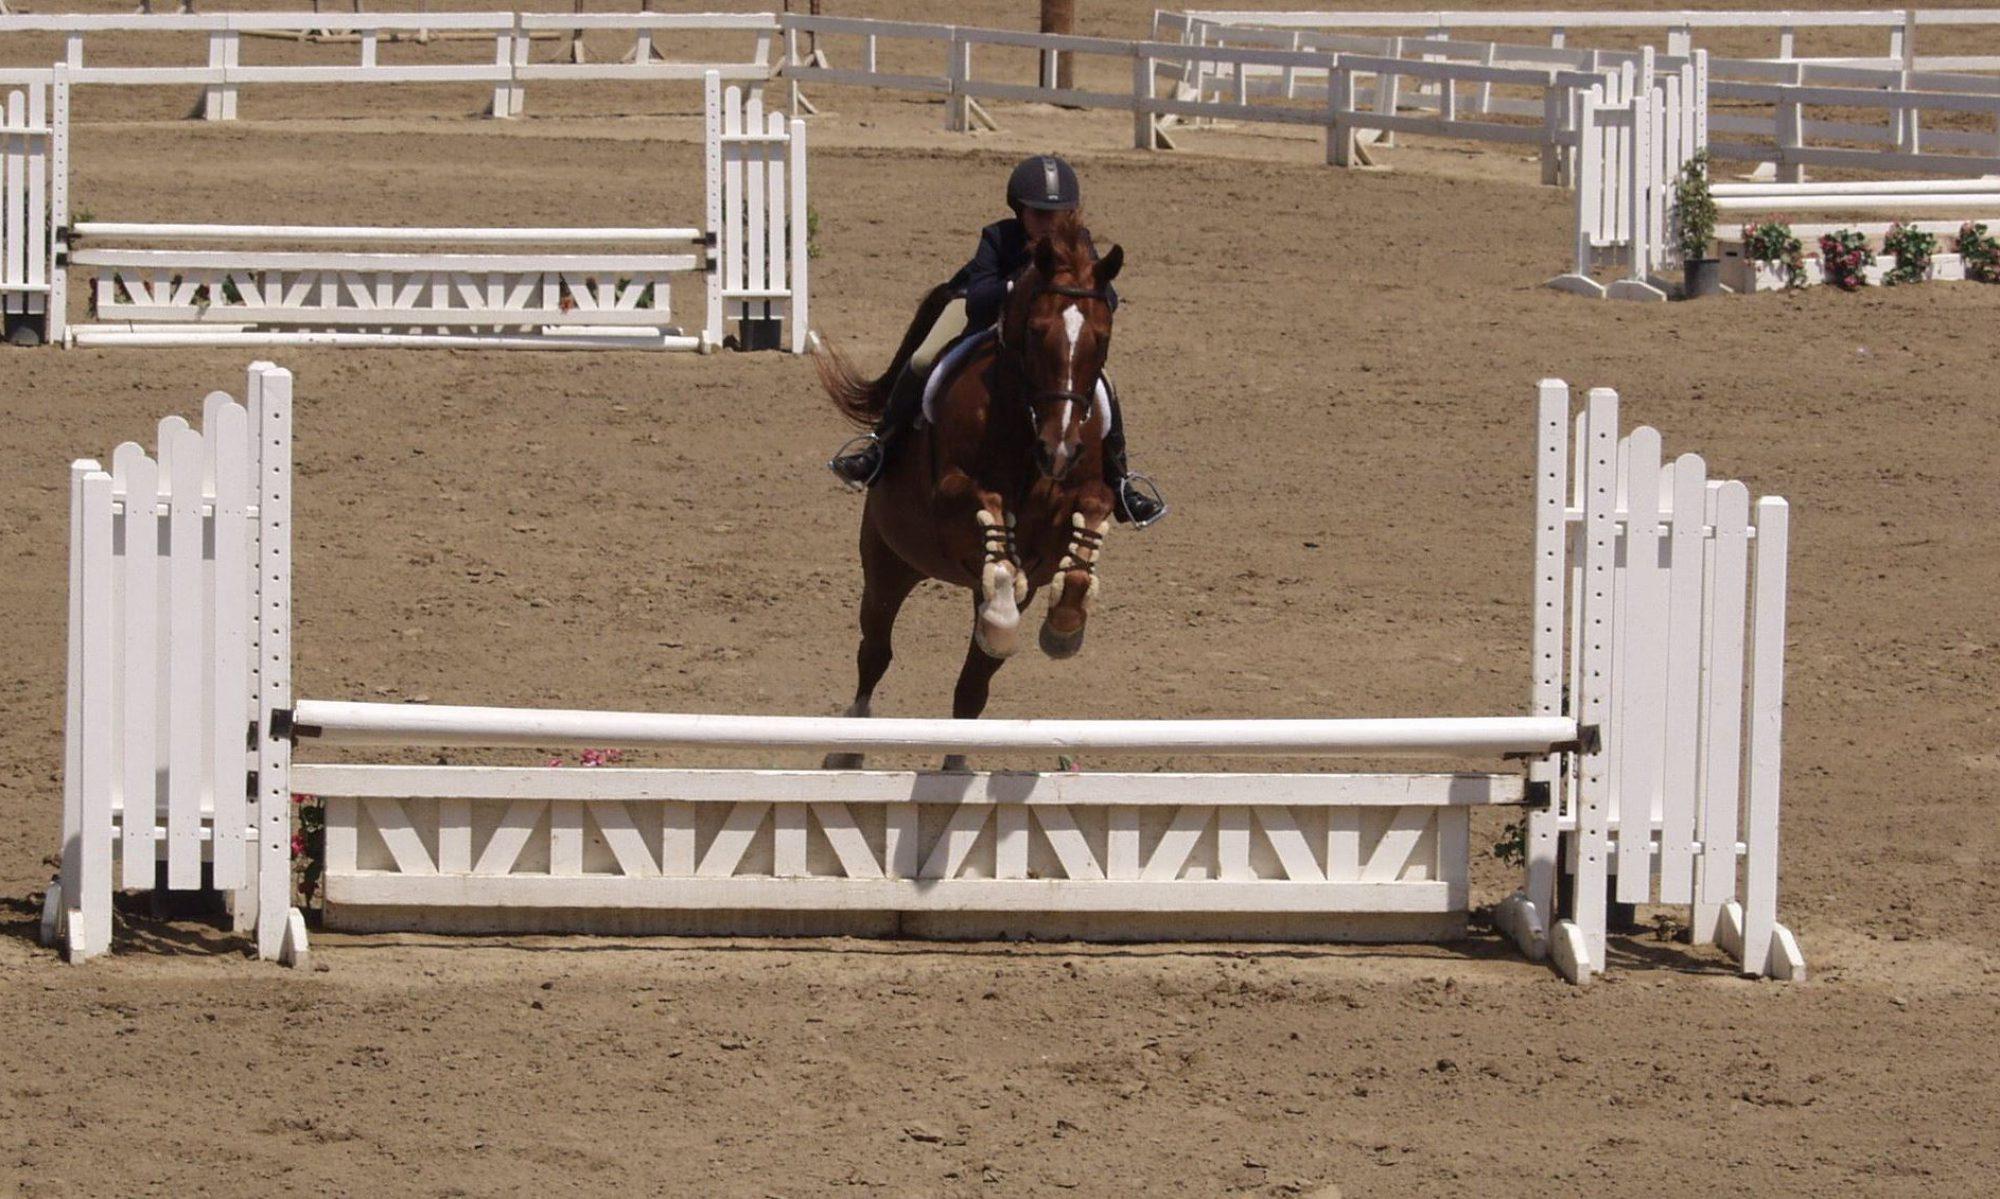 HorseTrak